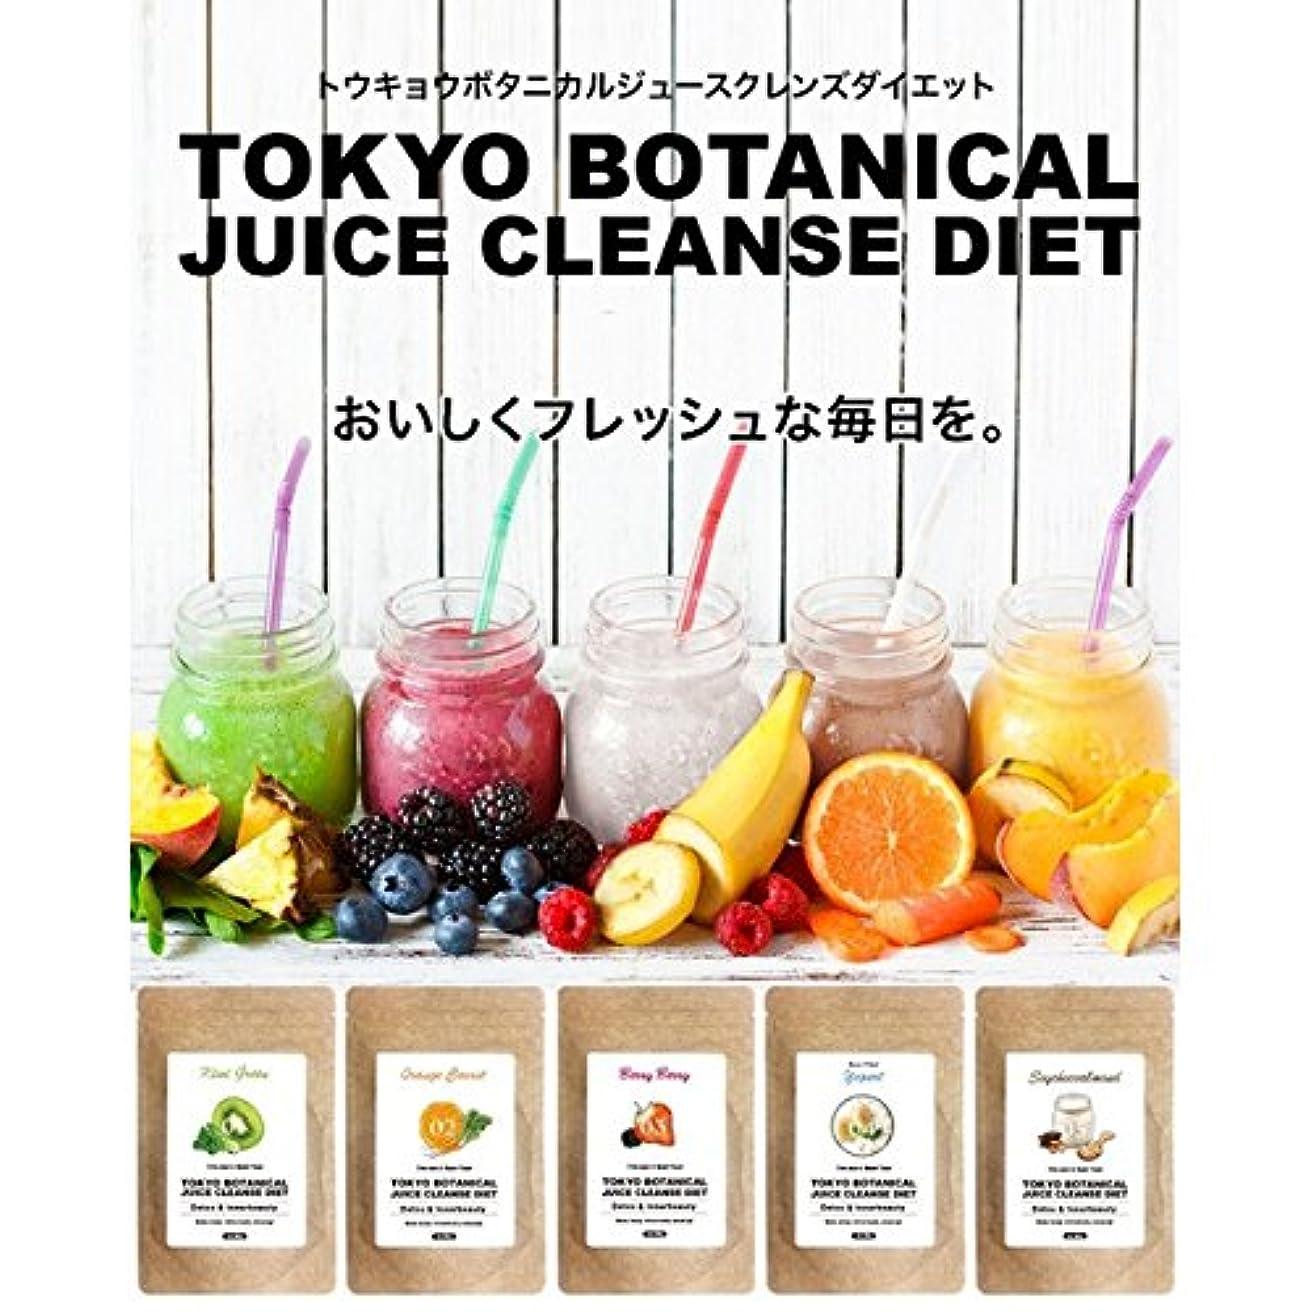 アピールコマンドマイクロ東京ボタニカルジュースクレンズダイエット  キウイグリーン&ヨーグルトセット